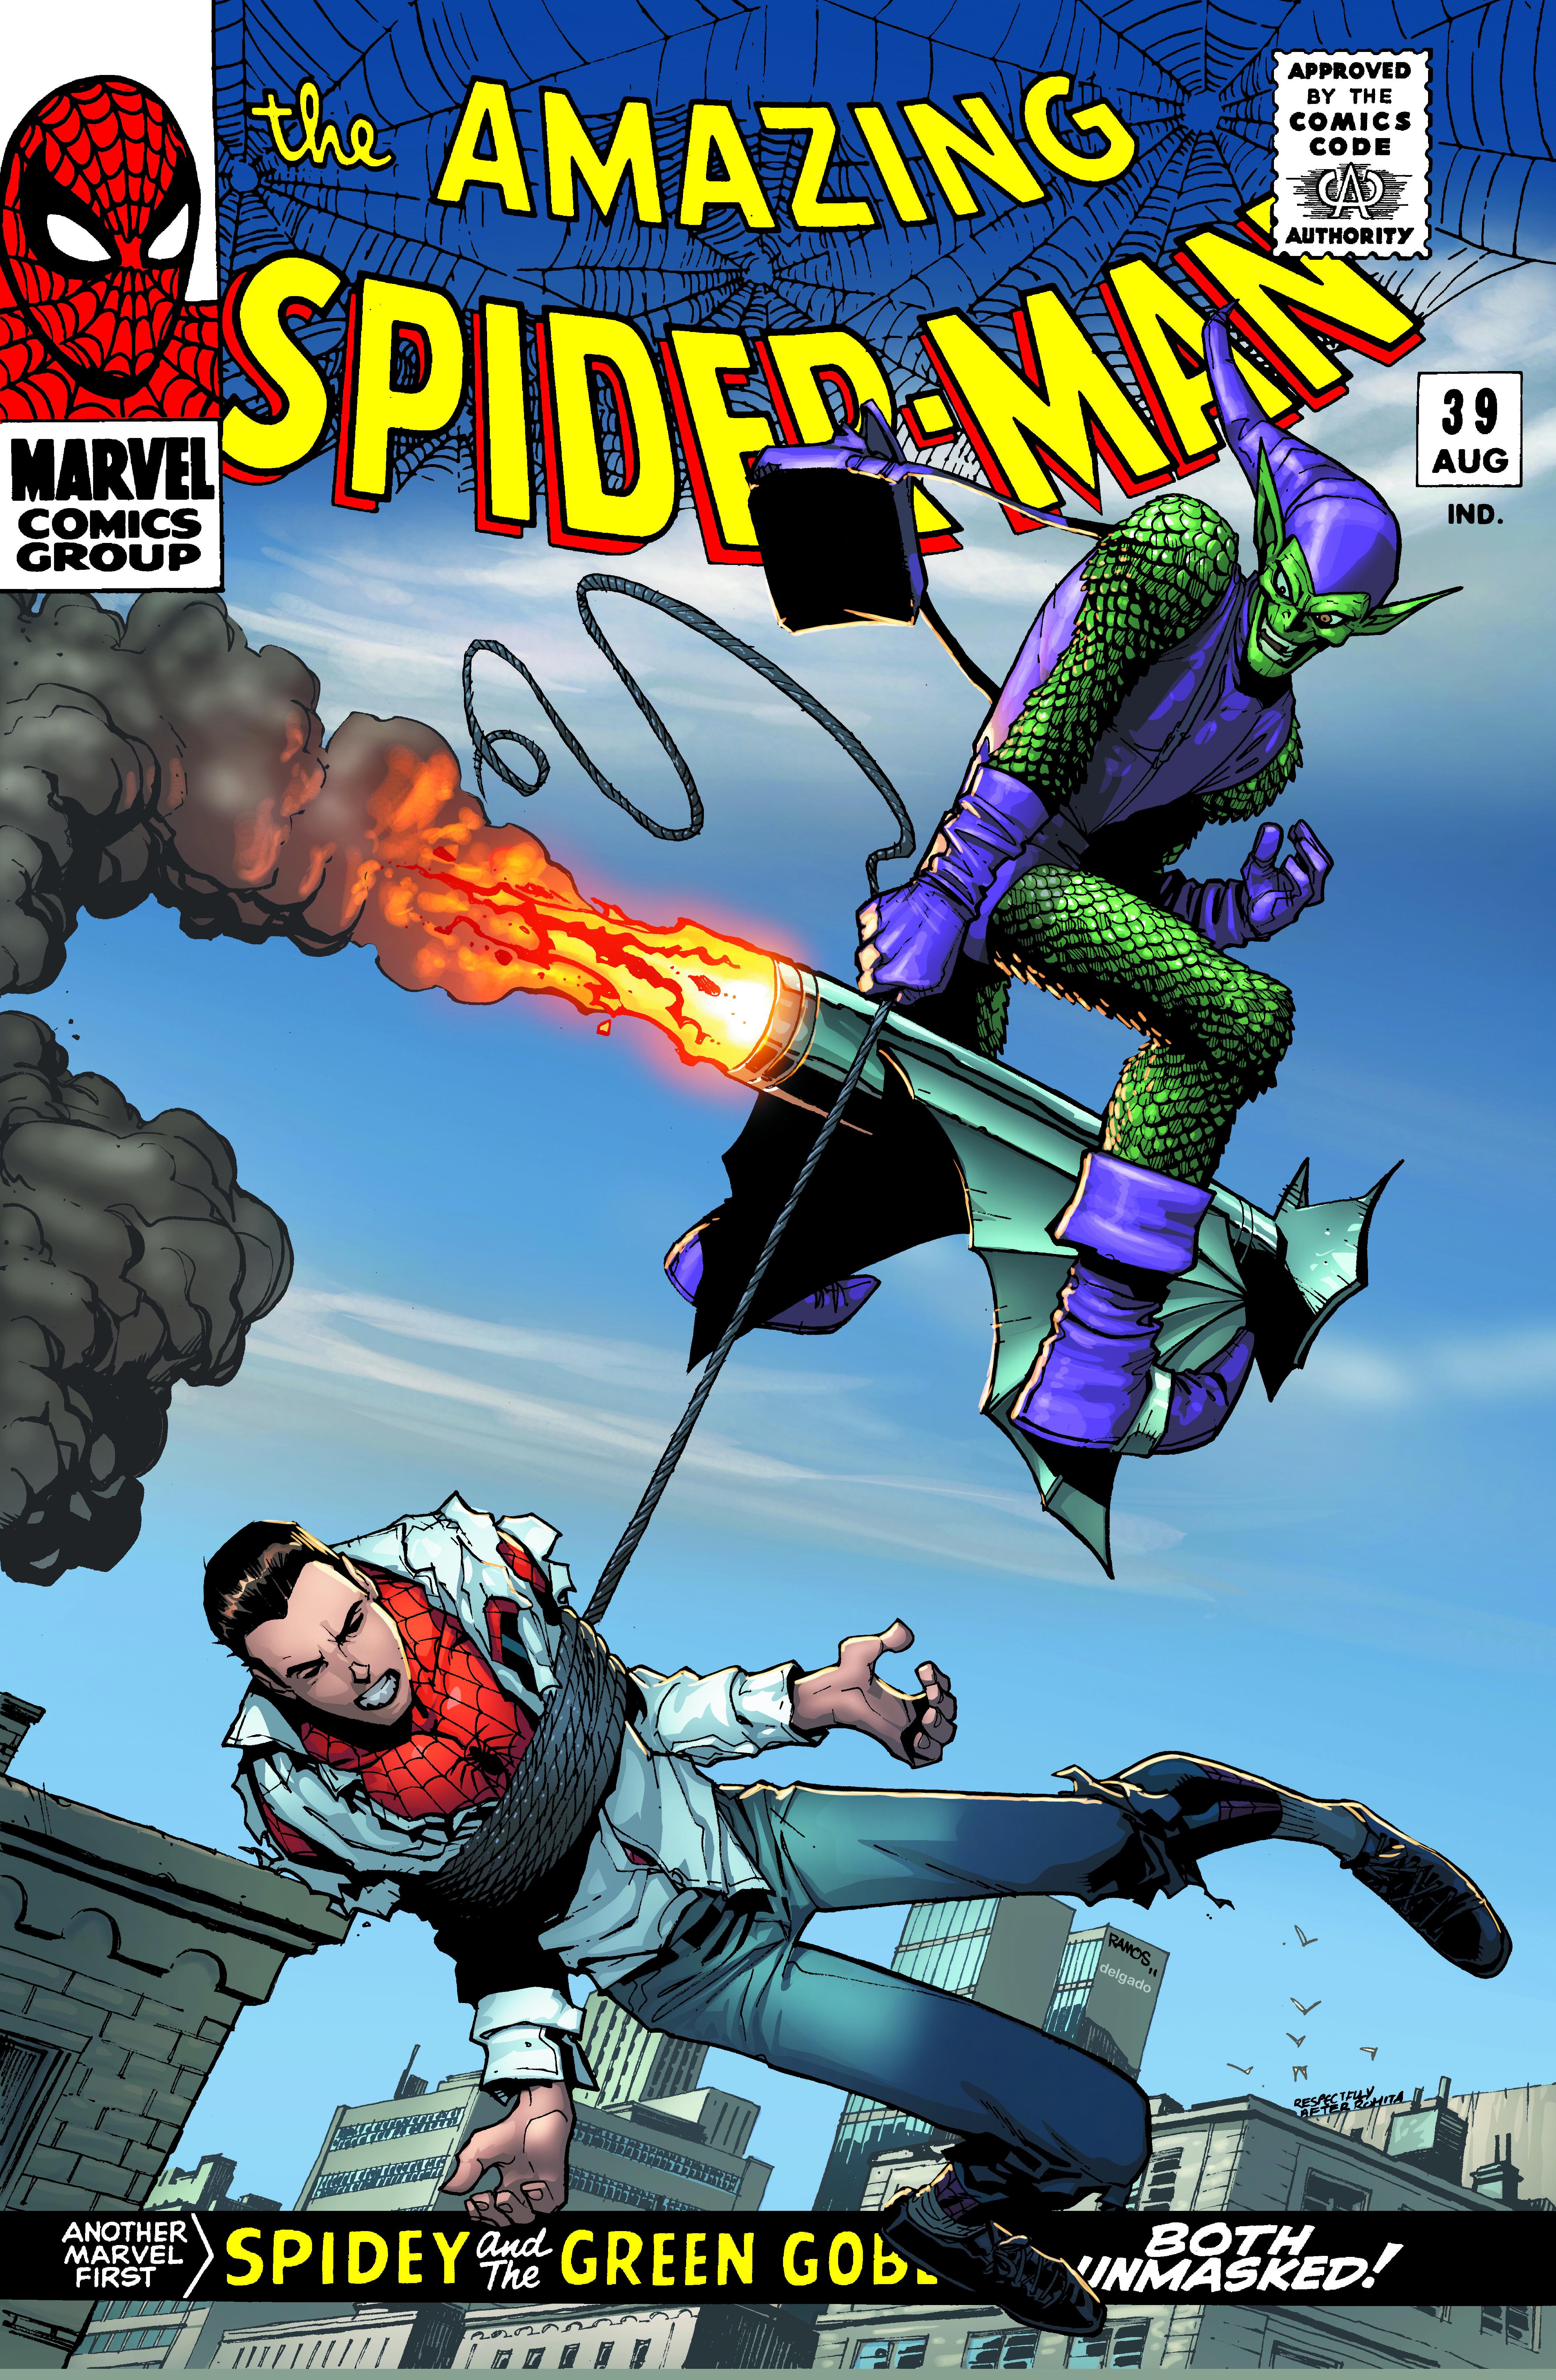 The Amazing Spider-Man Omnibus Vol. 2 (Hardcover)